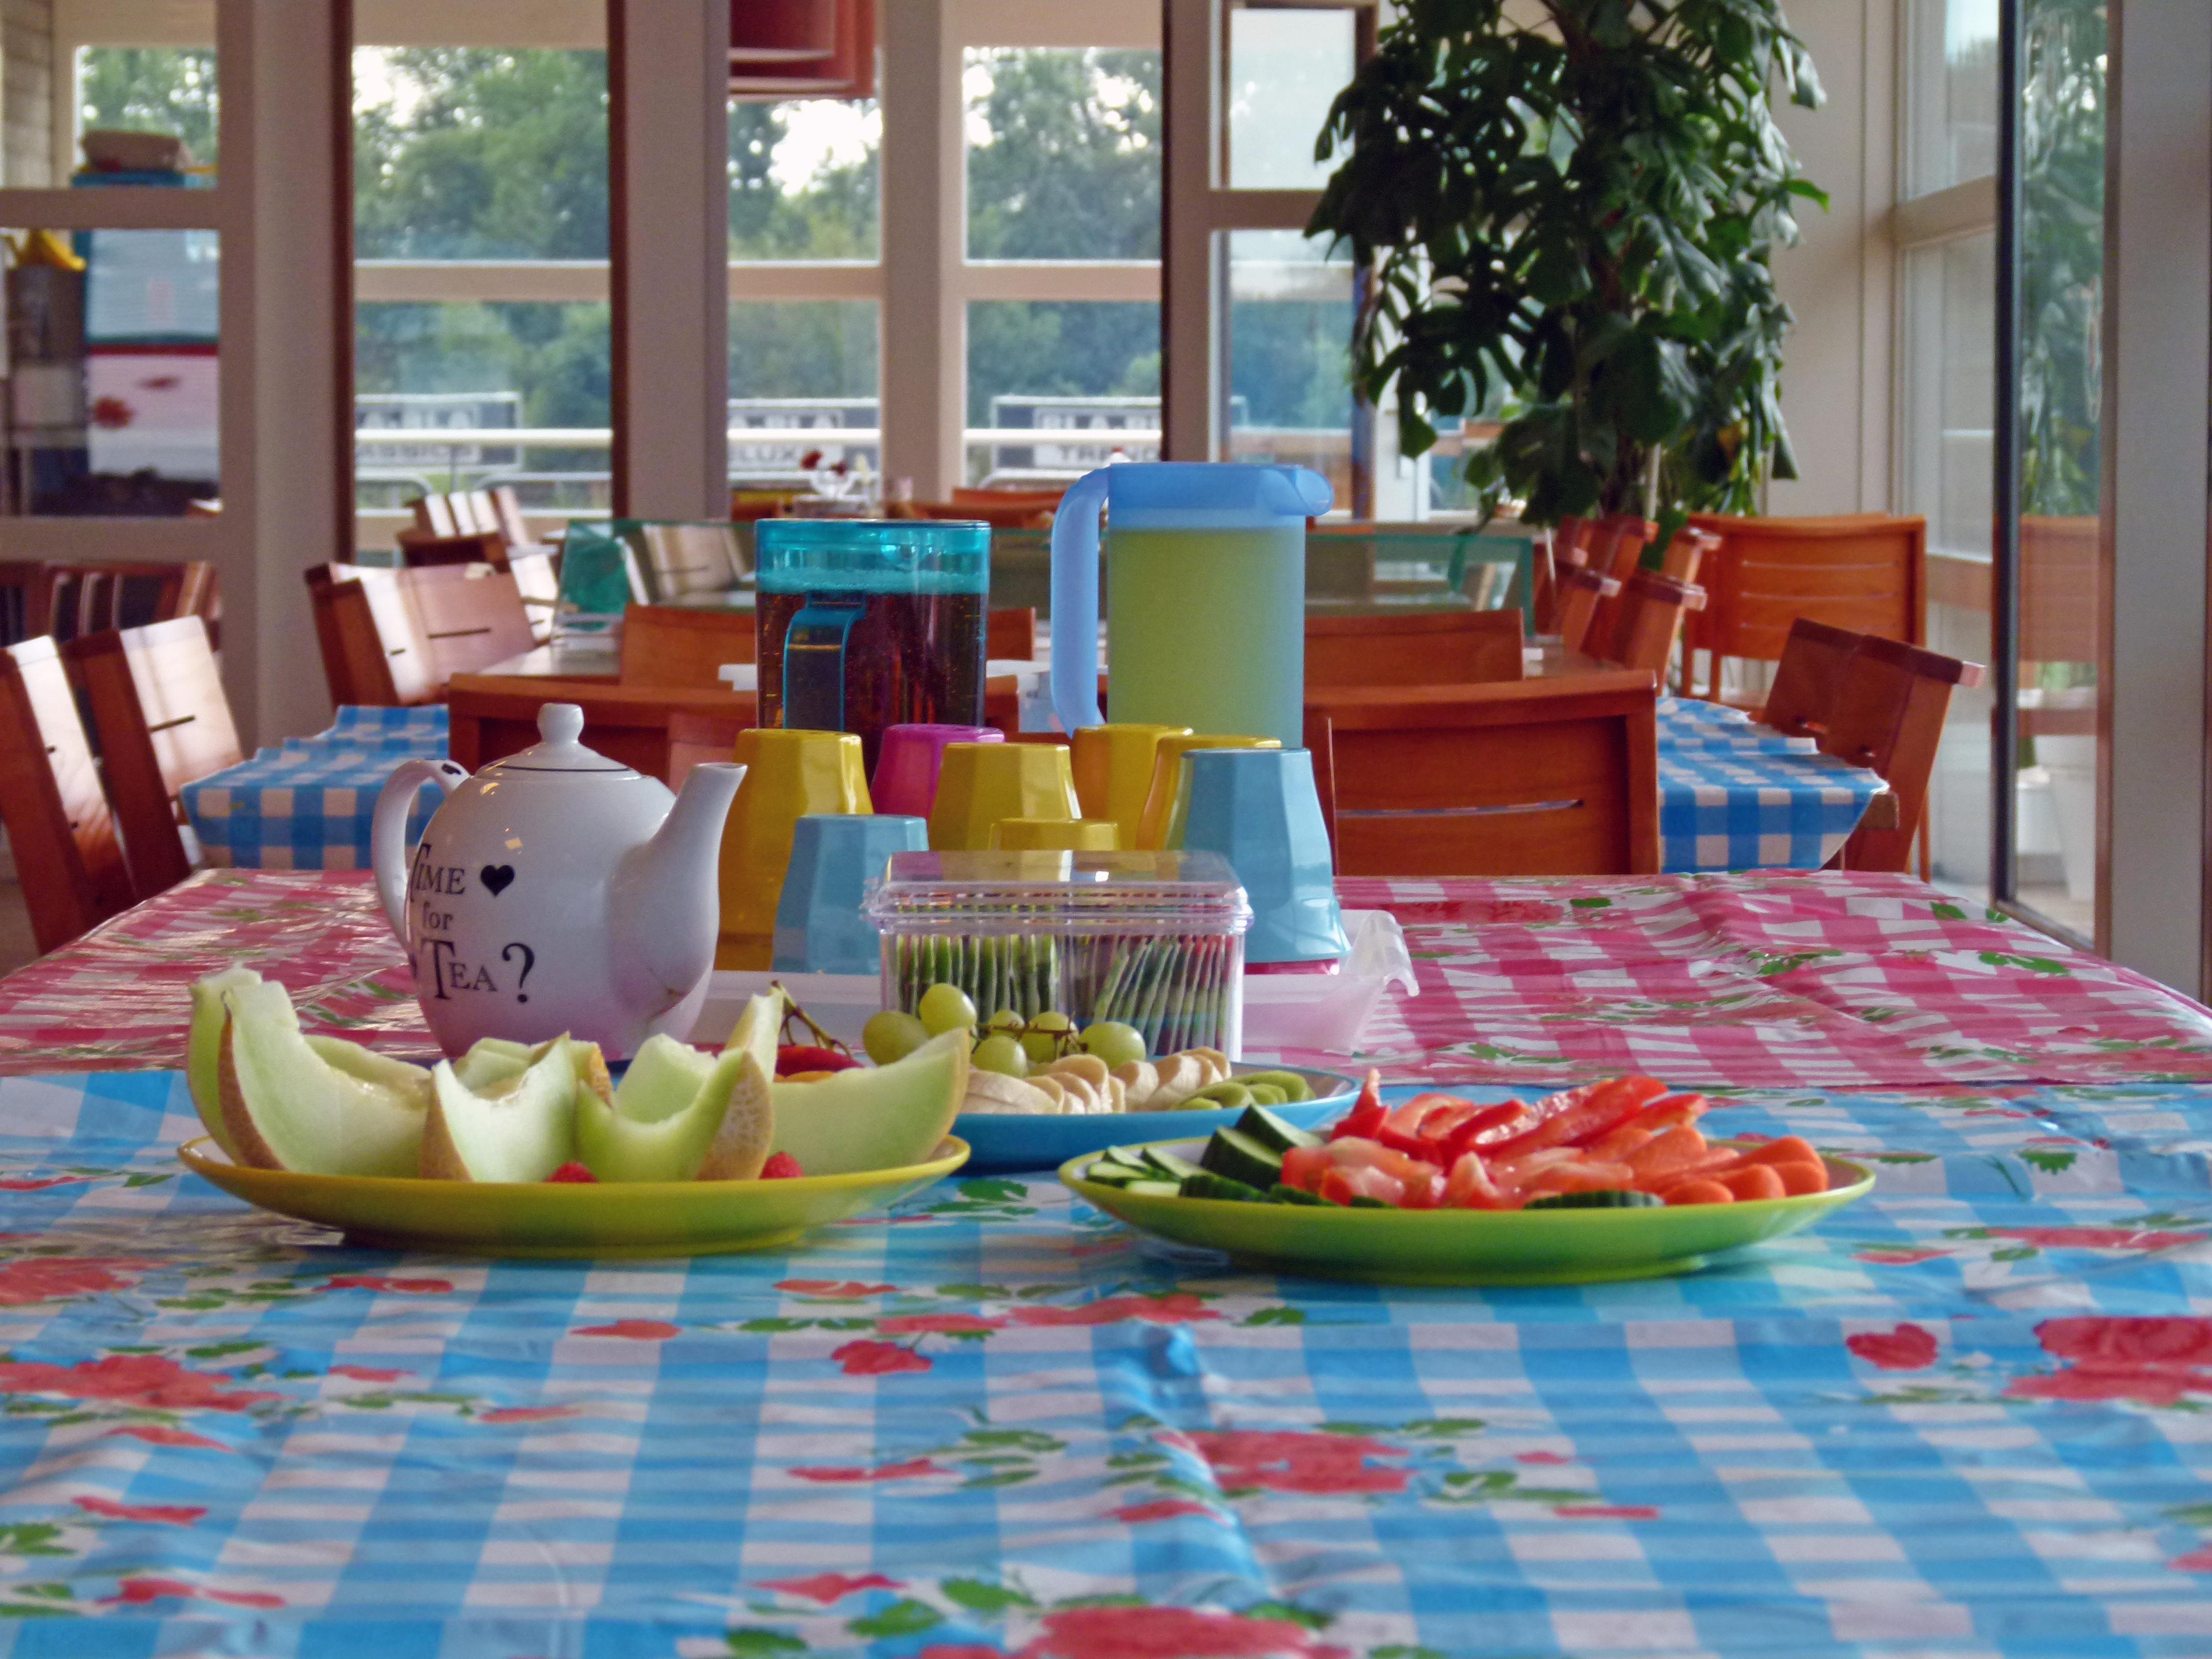 Zelfgemaakte Appelmoes Nederlandse Keuken : Inclusief eten, drinken & uitstapjes – Bixo Buitengewoon in BSO